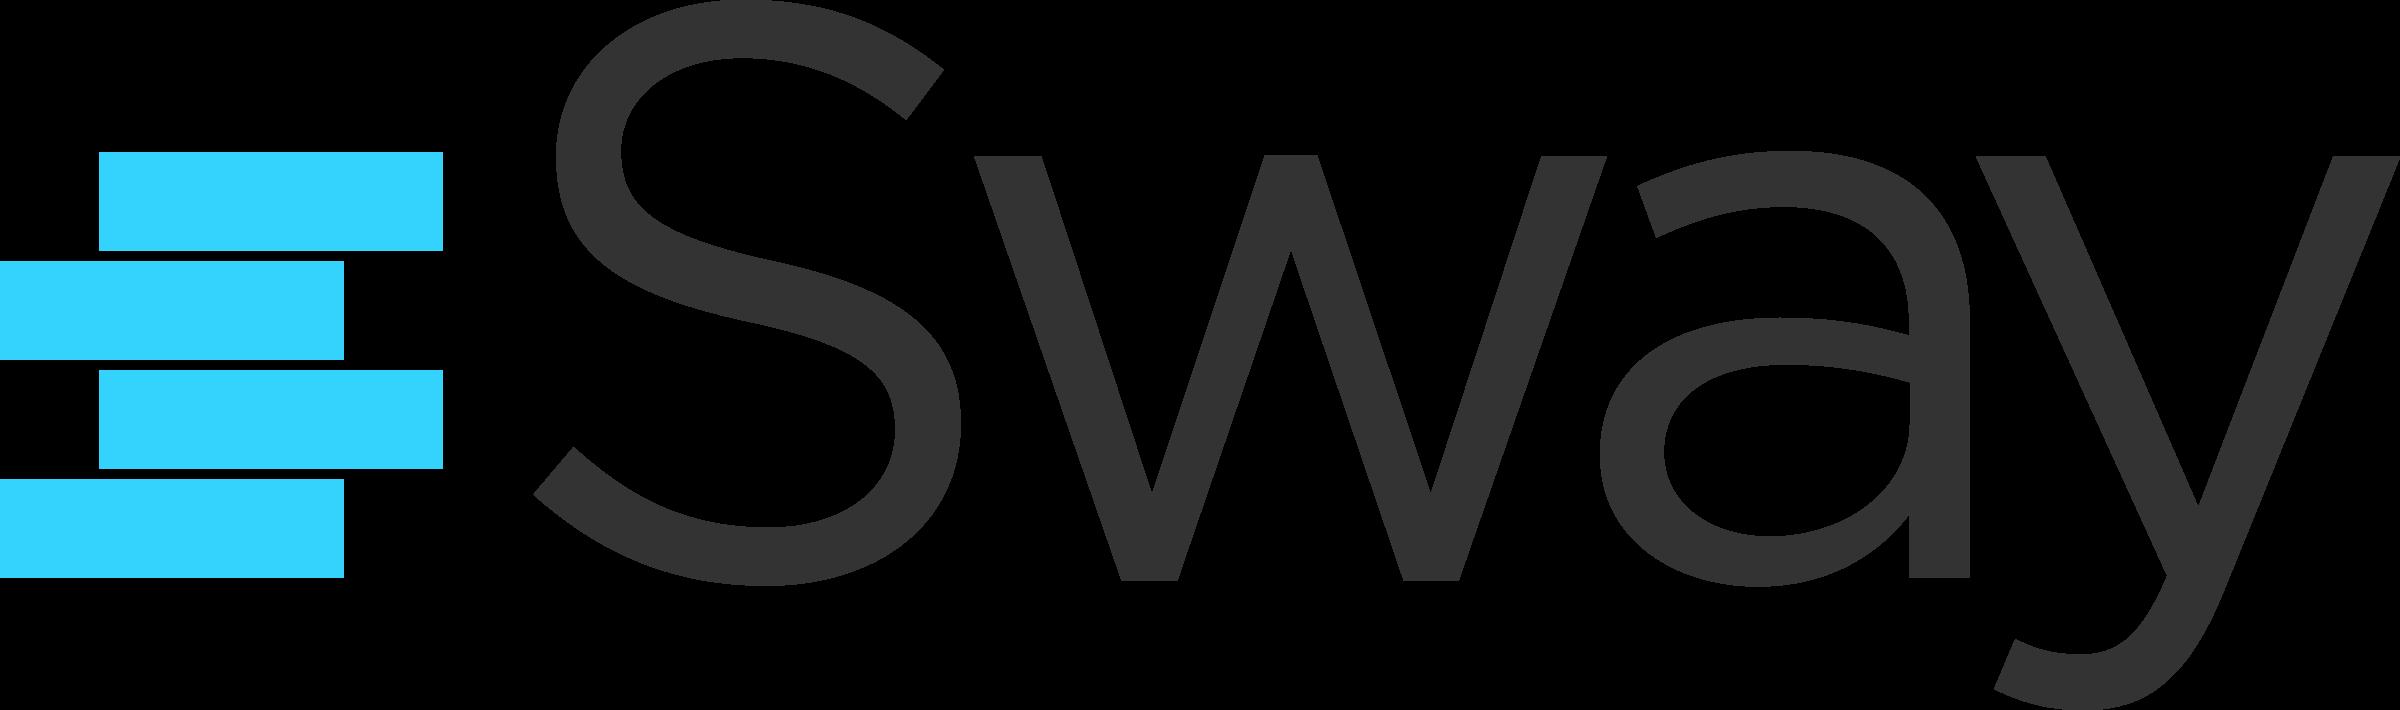 Sway-Logo-large.png